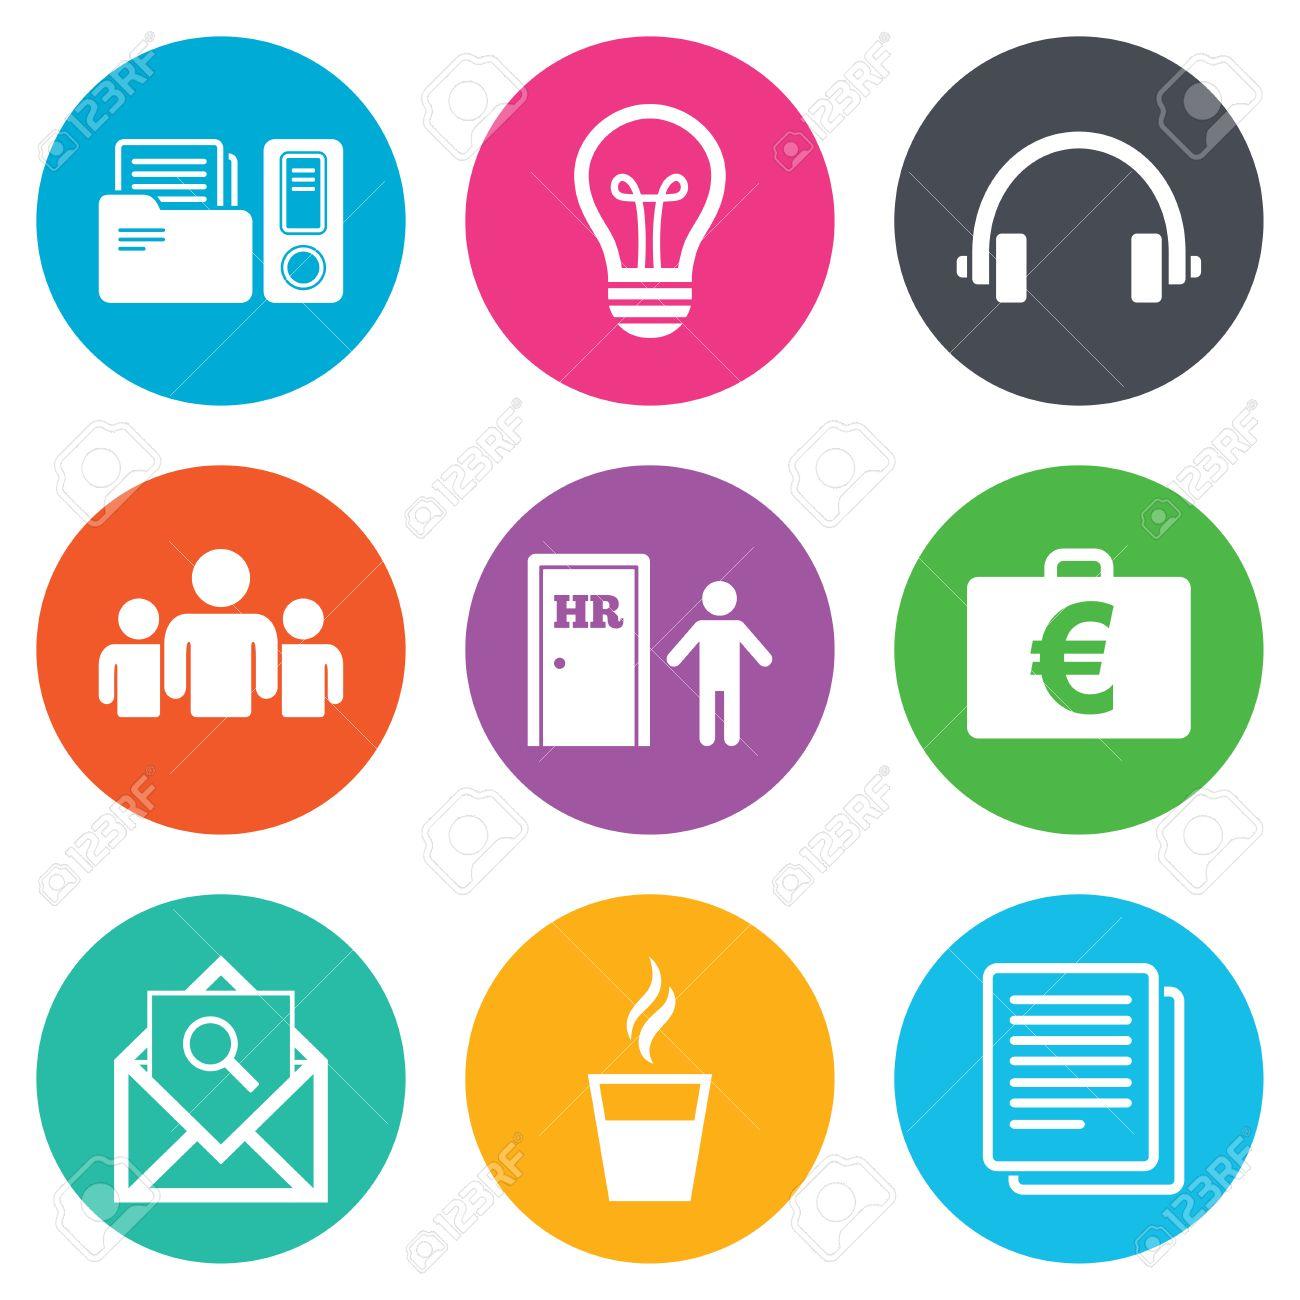 Office, documenti e icone del mondo  Contabilità, risorse umane e di gruppo  segni  Servizio postale, Idea e casi soldi simboli  pulsanti cerchio